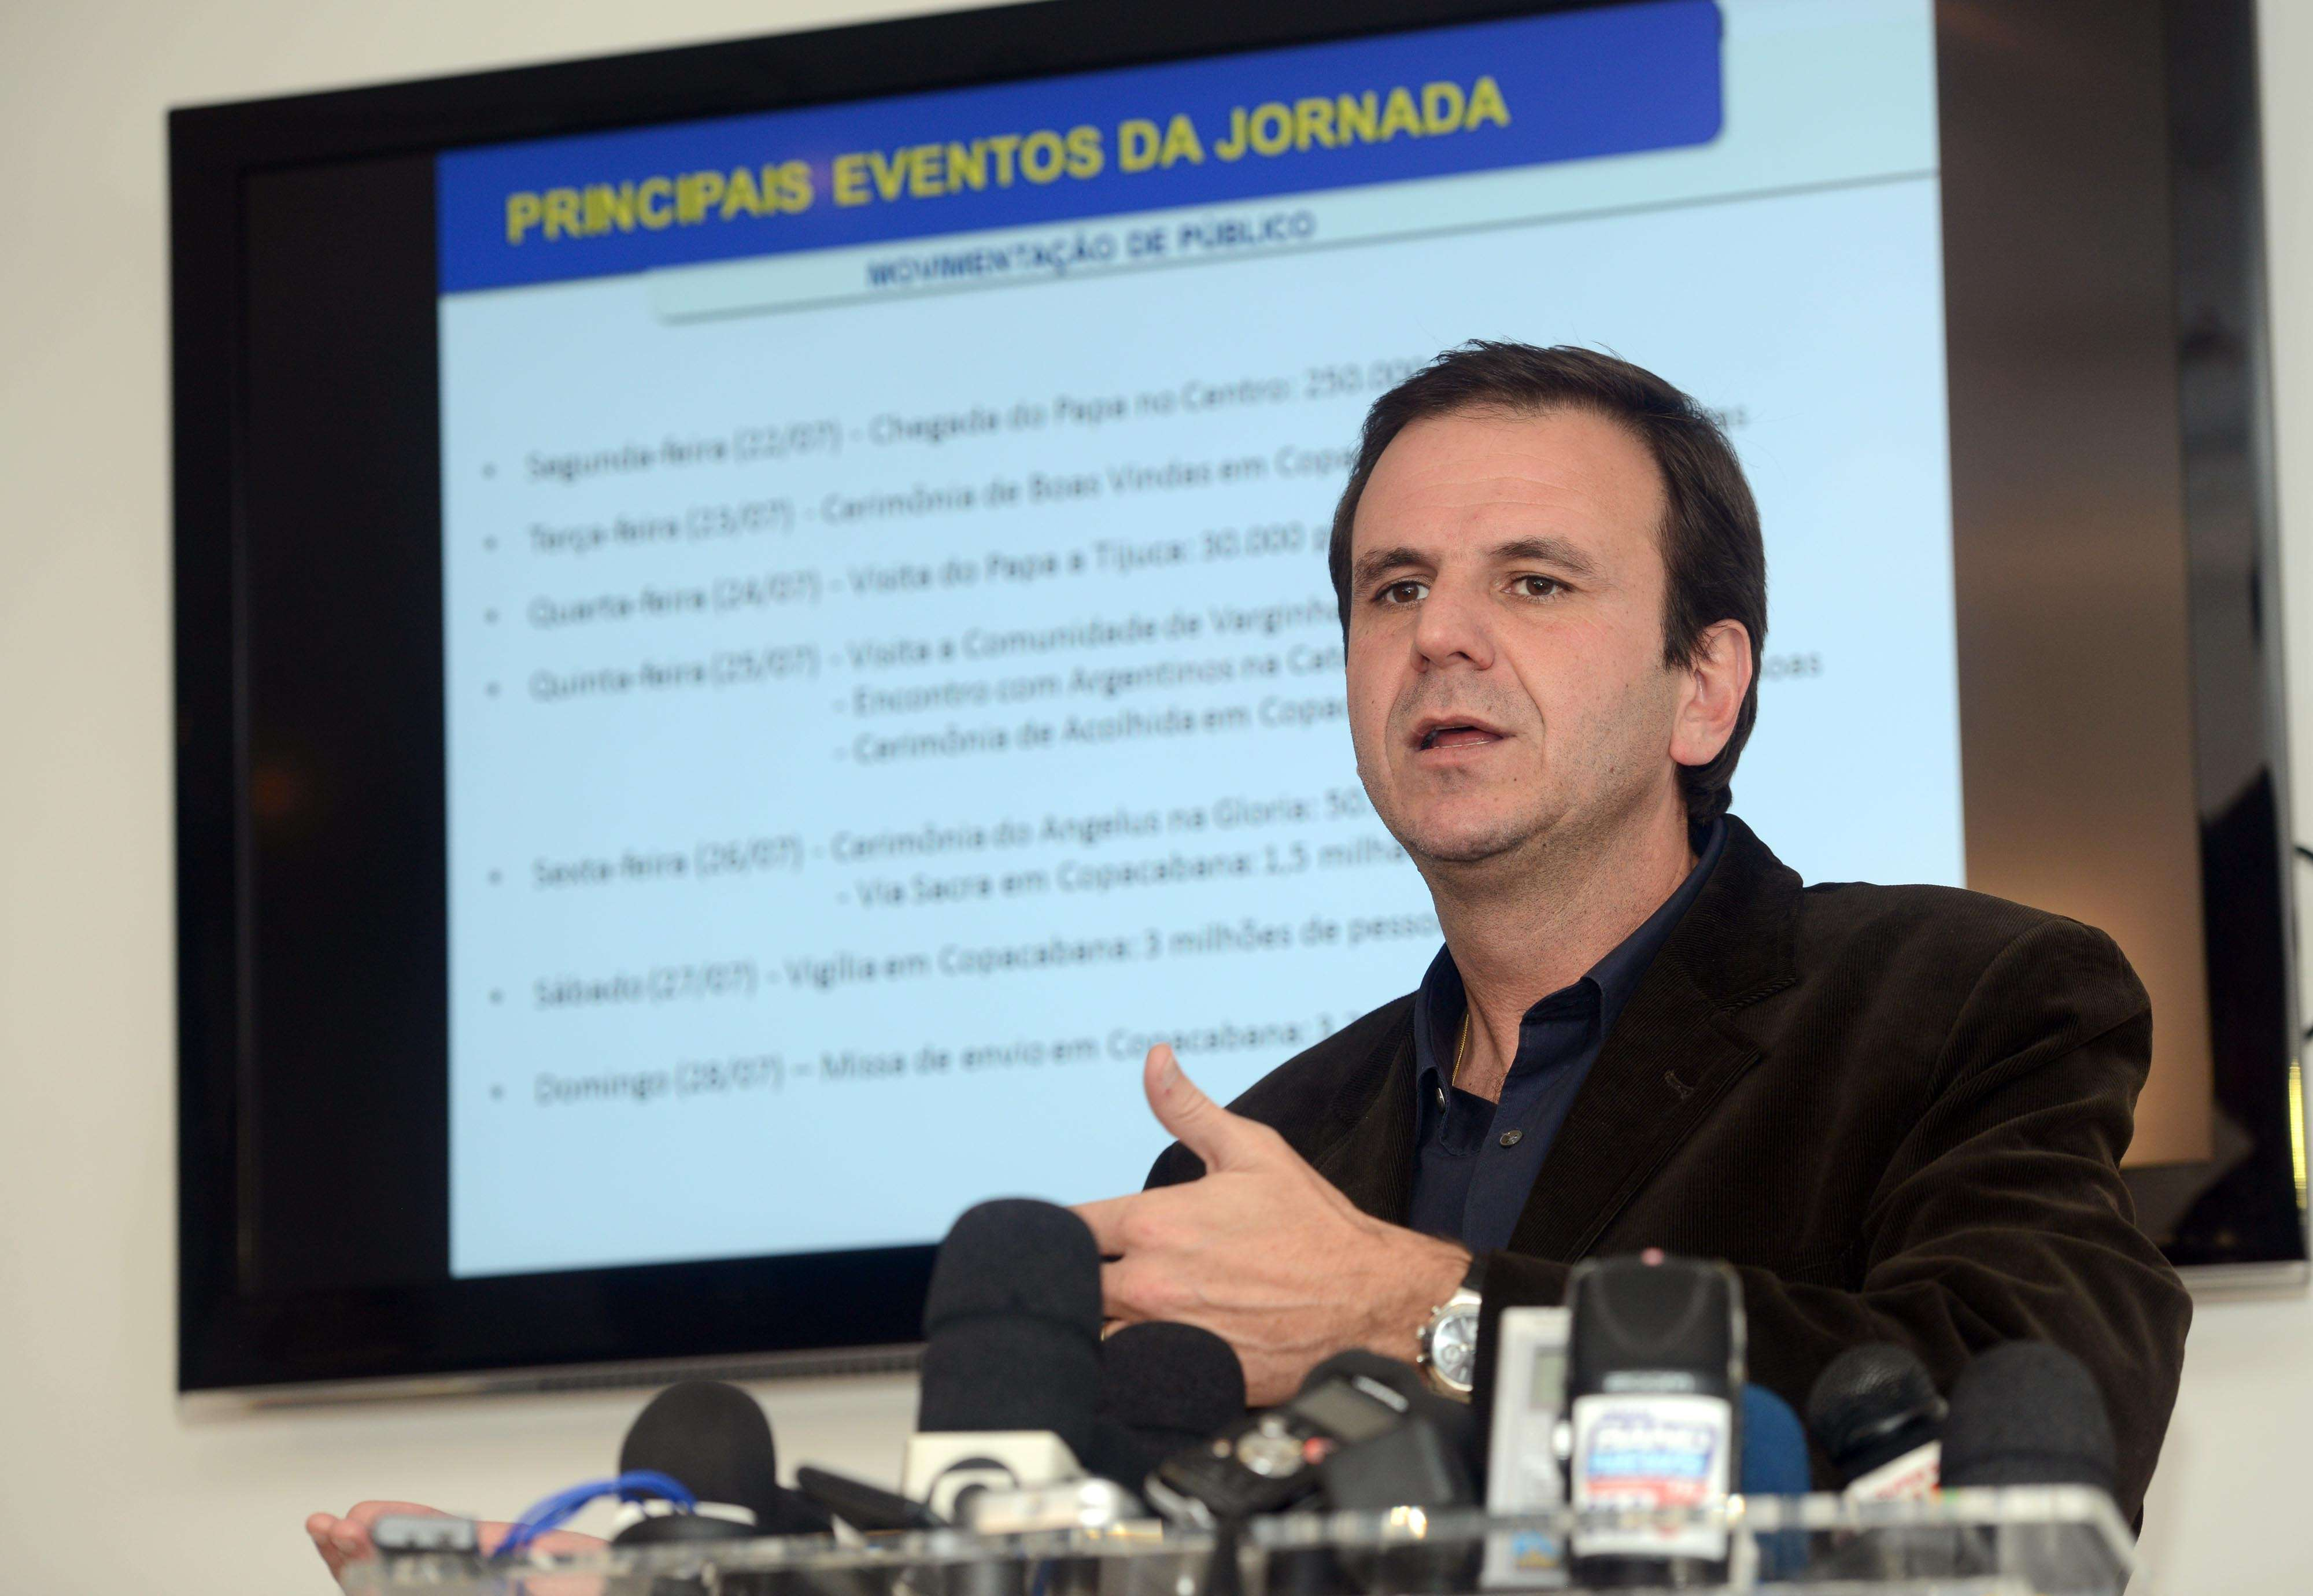 J. P. Engelbrecht / Prefeitura do Rio/J. P. Engelbrecht / Prefeitura do Rio